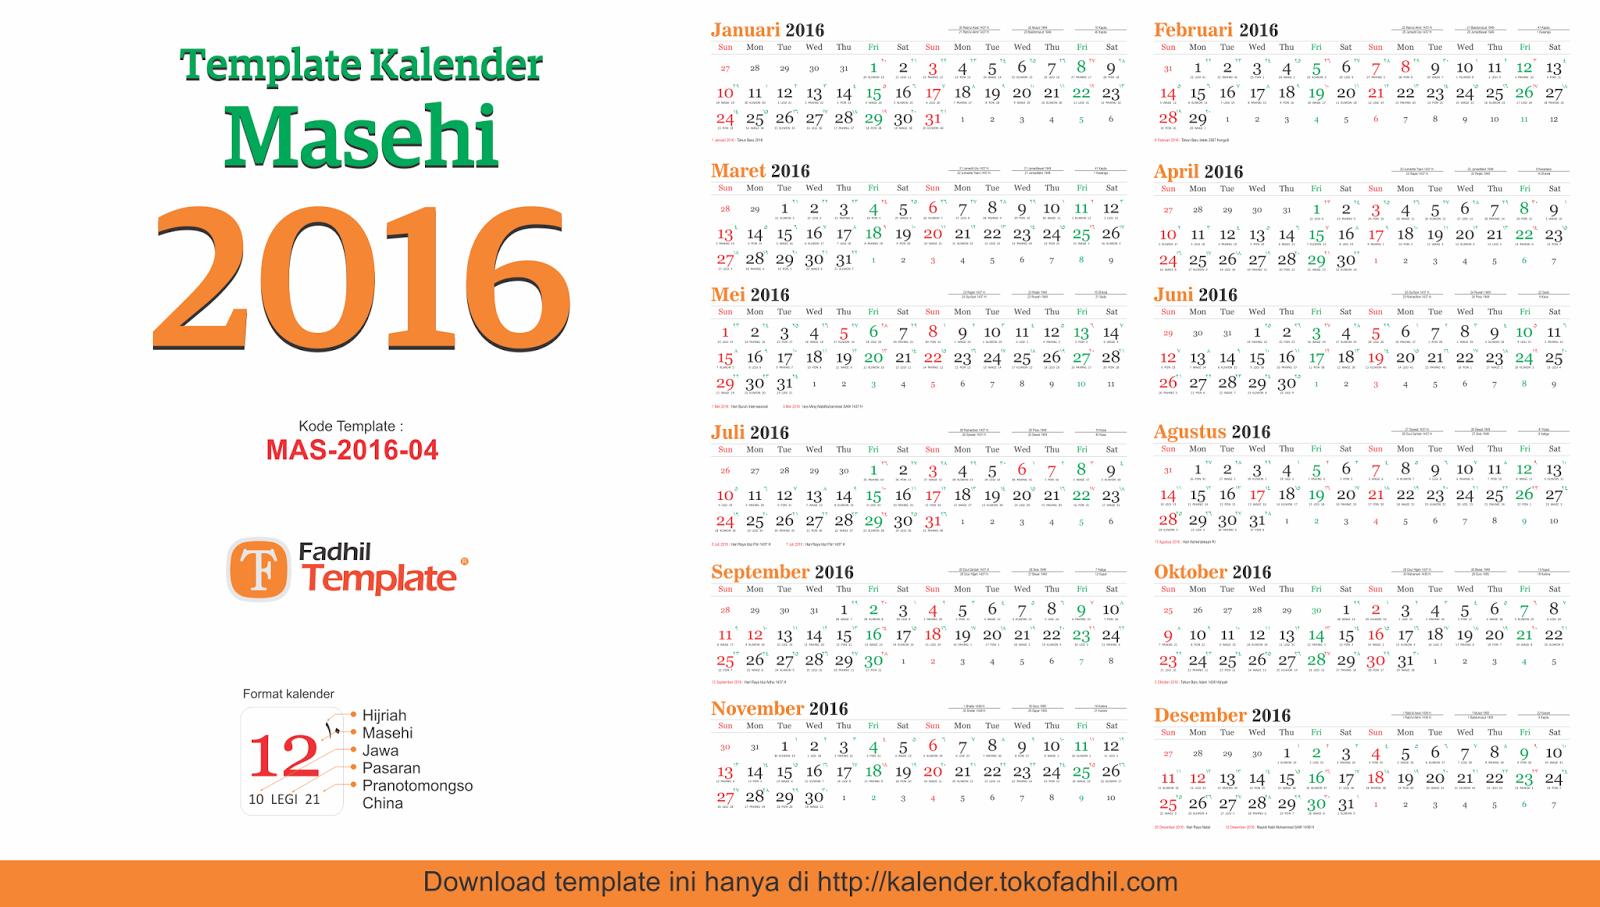 ... Tahun 2016 Beserta Keterangan Libur   Search Results   Calendar 2015